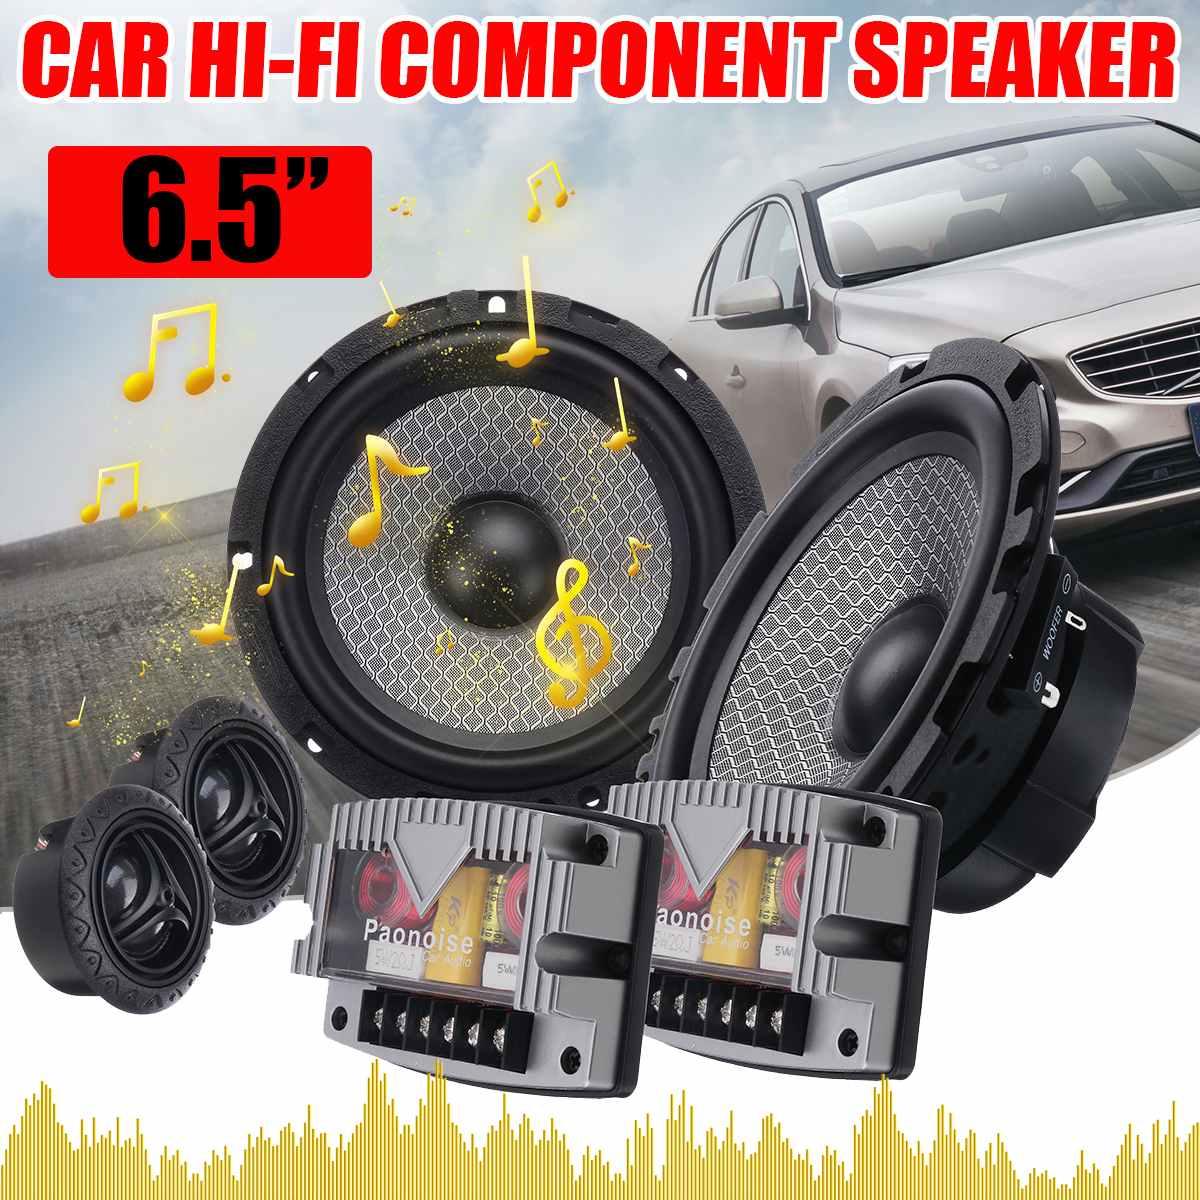 6.5 pouces 400 W voiture Audio HiFi composant haut-parleur système 2 voies 25mm dôme Tweeter 1 pouce ASV bobine vocale pour voiture porte avant Audio